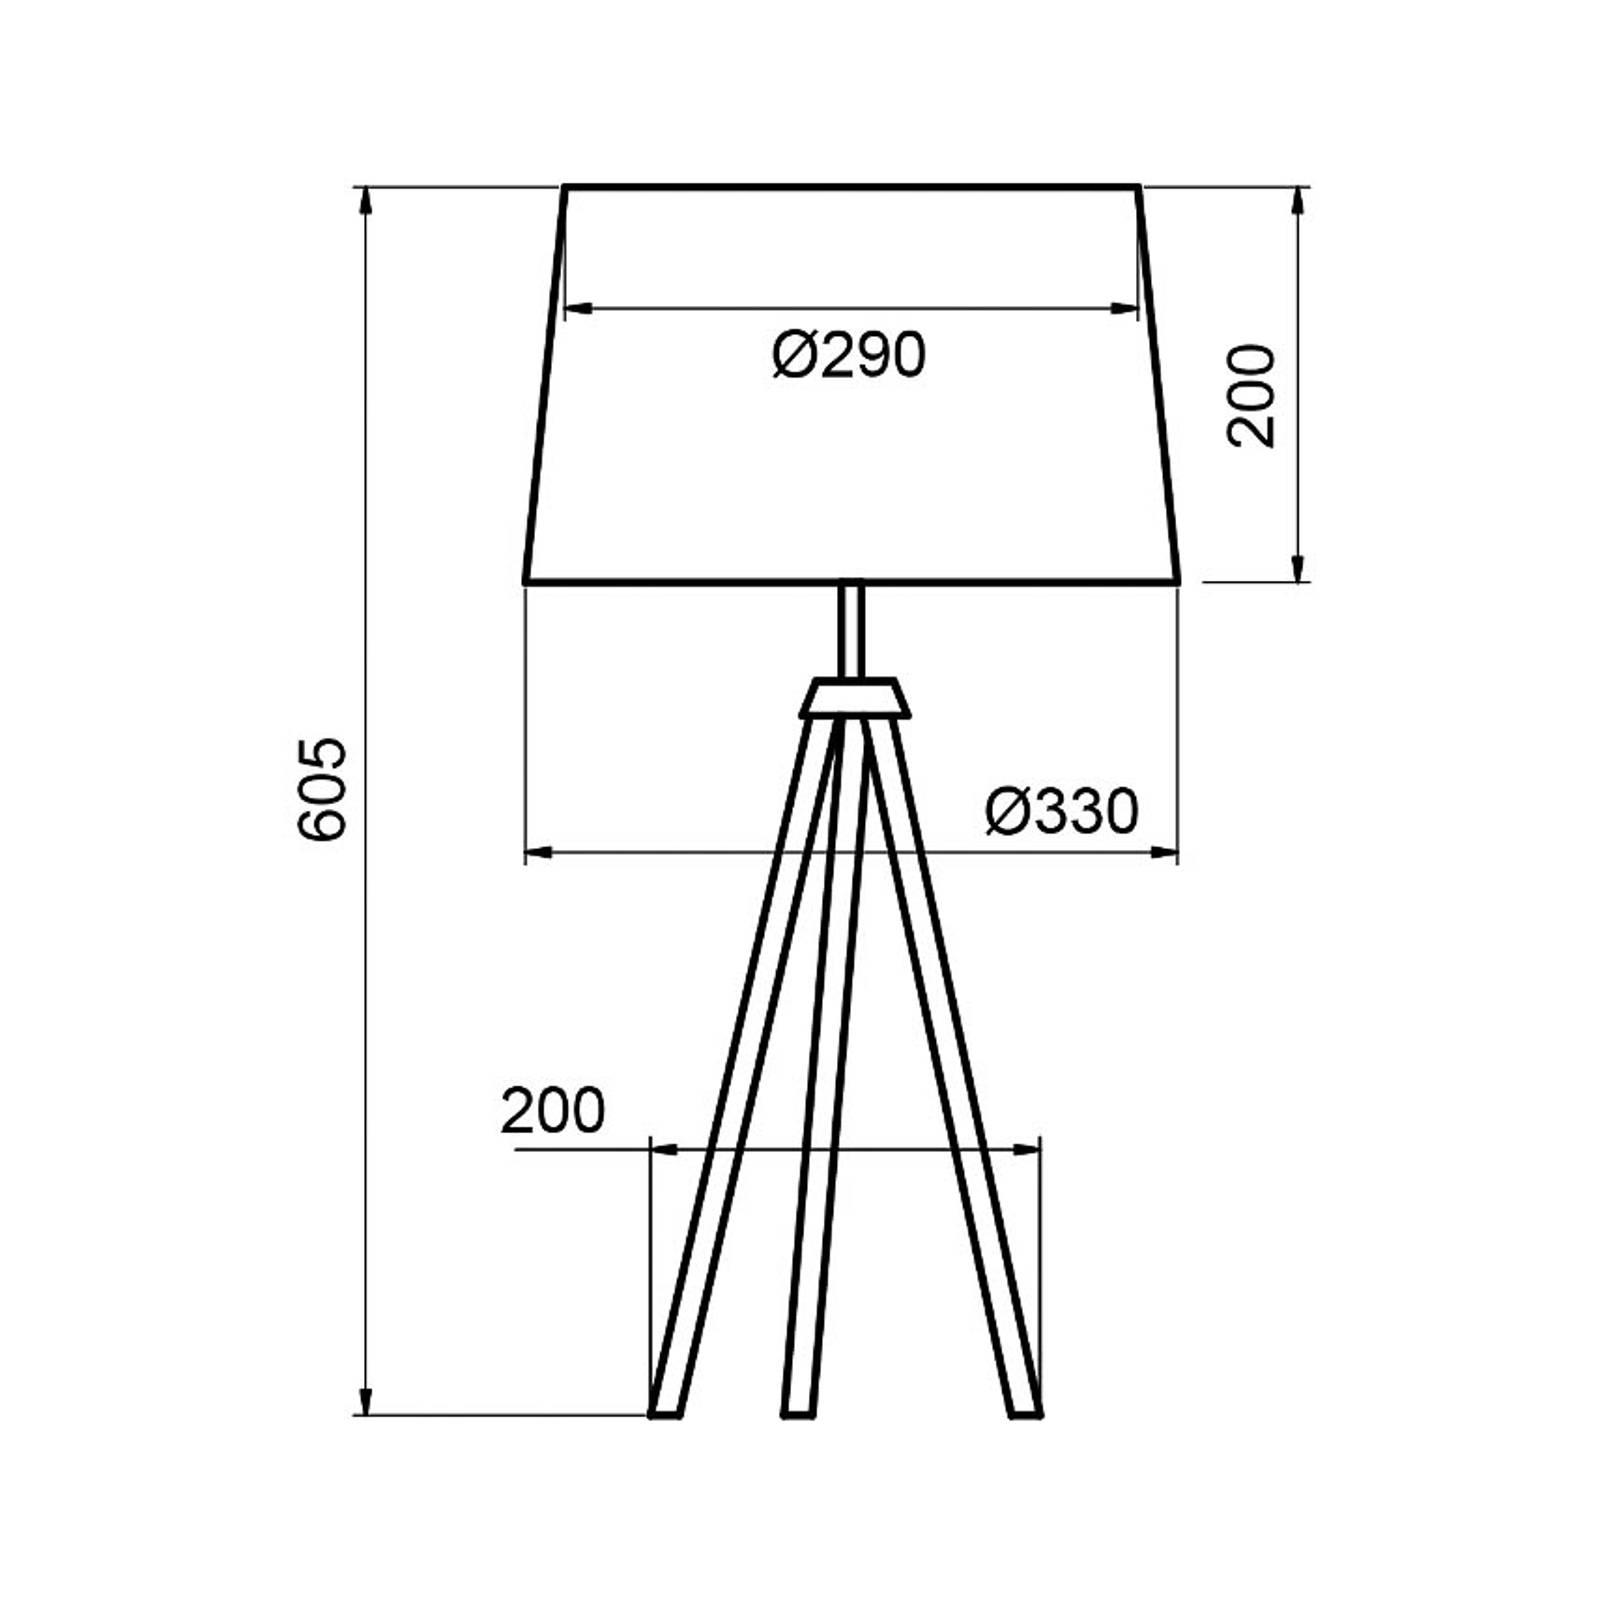 Aluminor Tropic-pöytälamppu, musta/keltainen johto